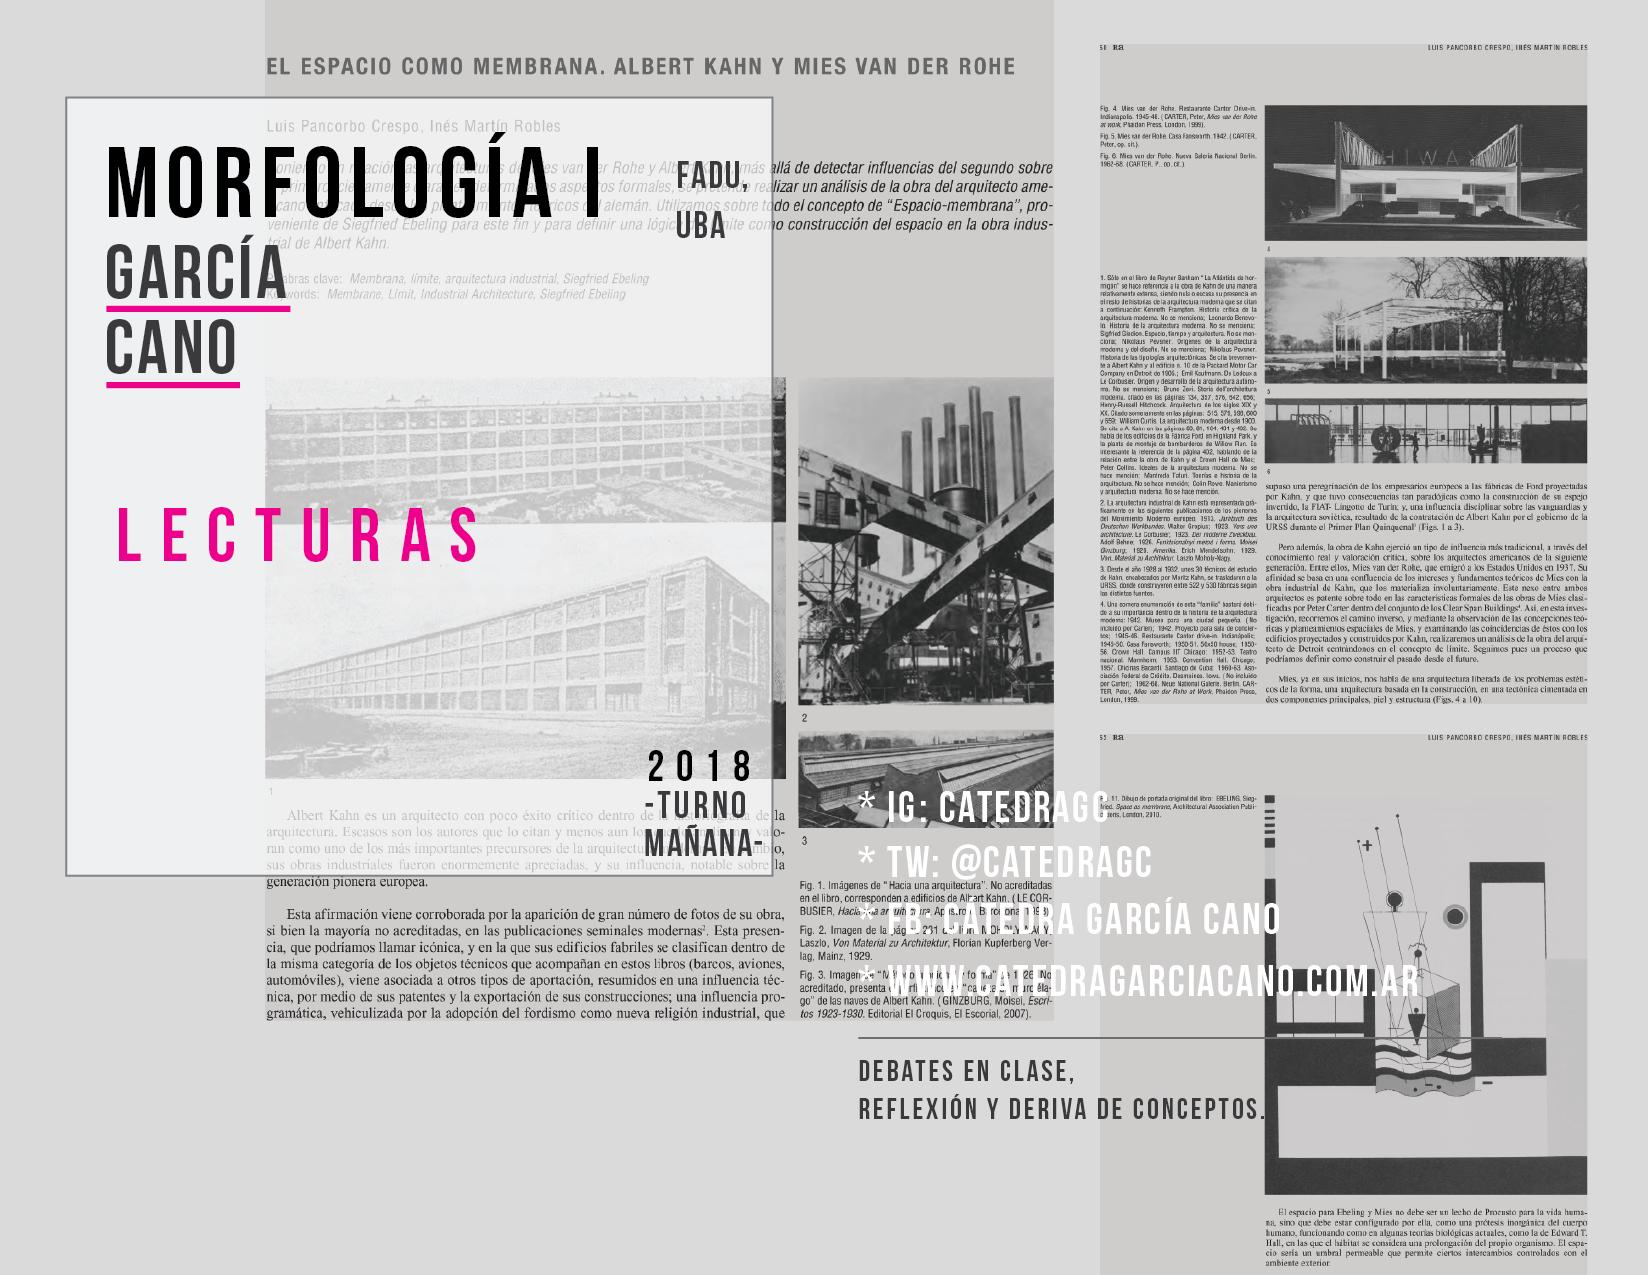 afiche-catedra-18_morfo-1_lecturas-01-08